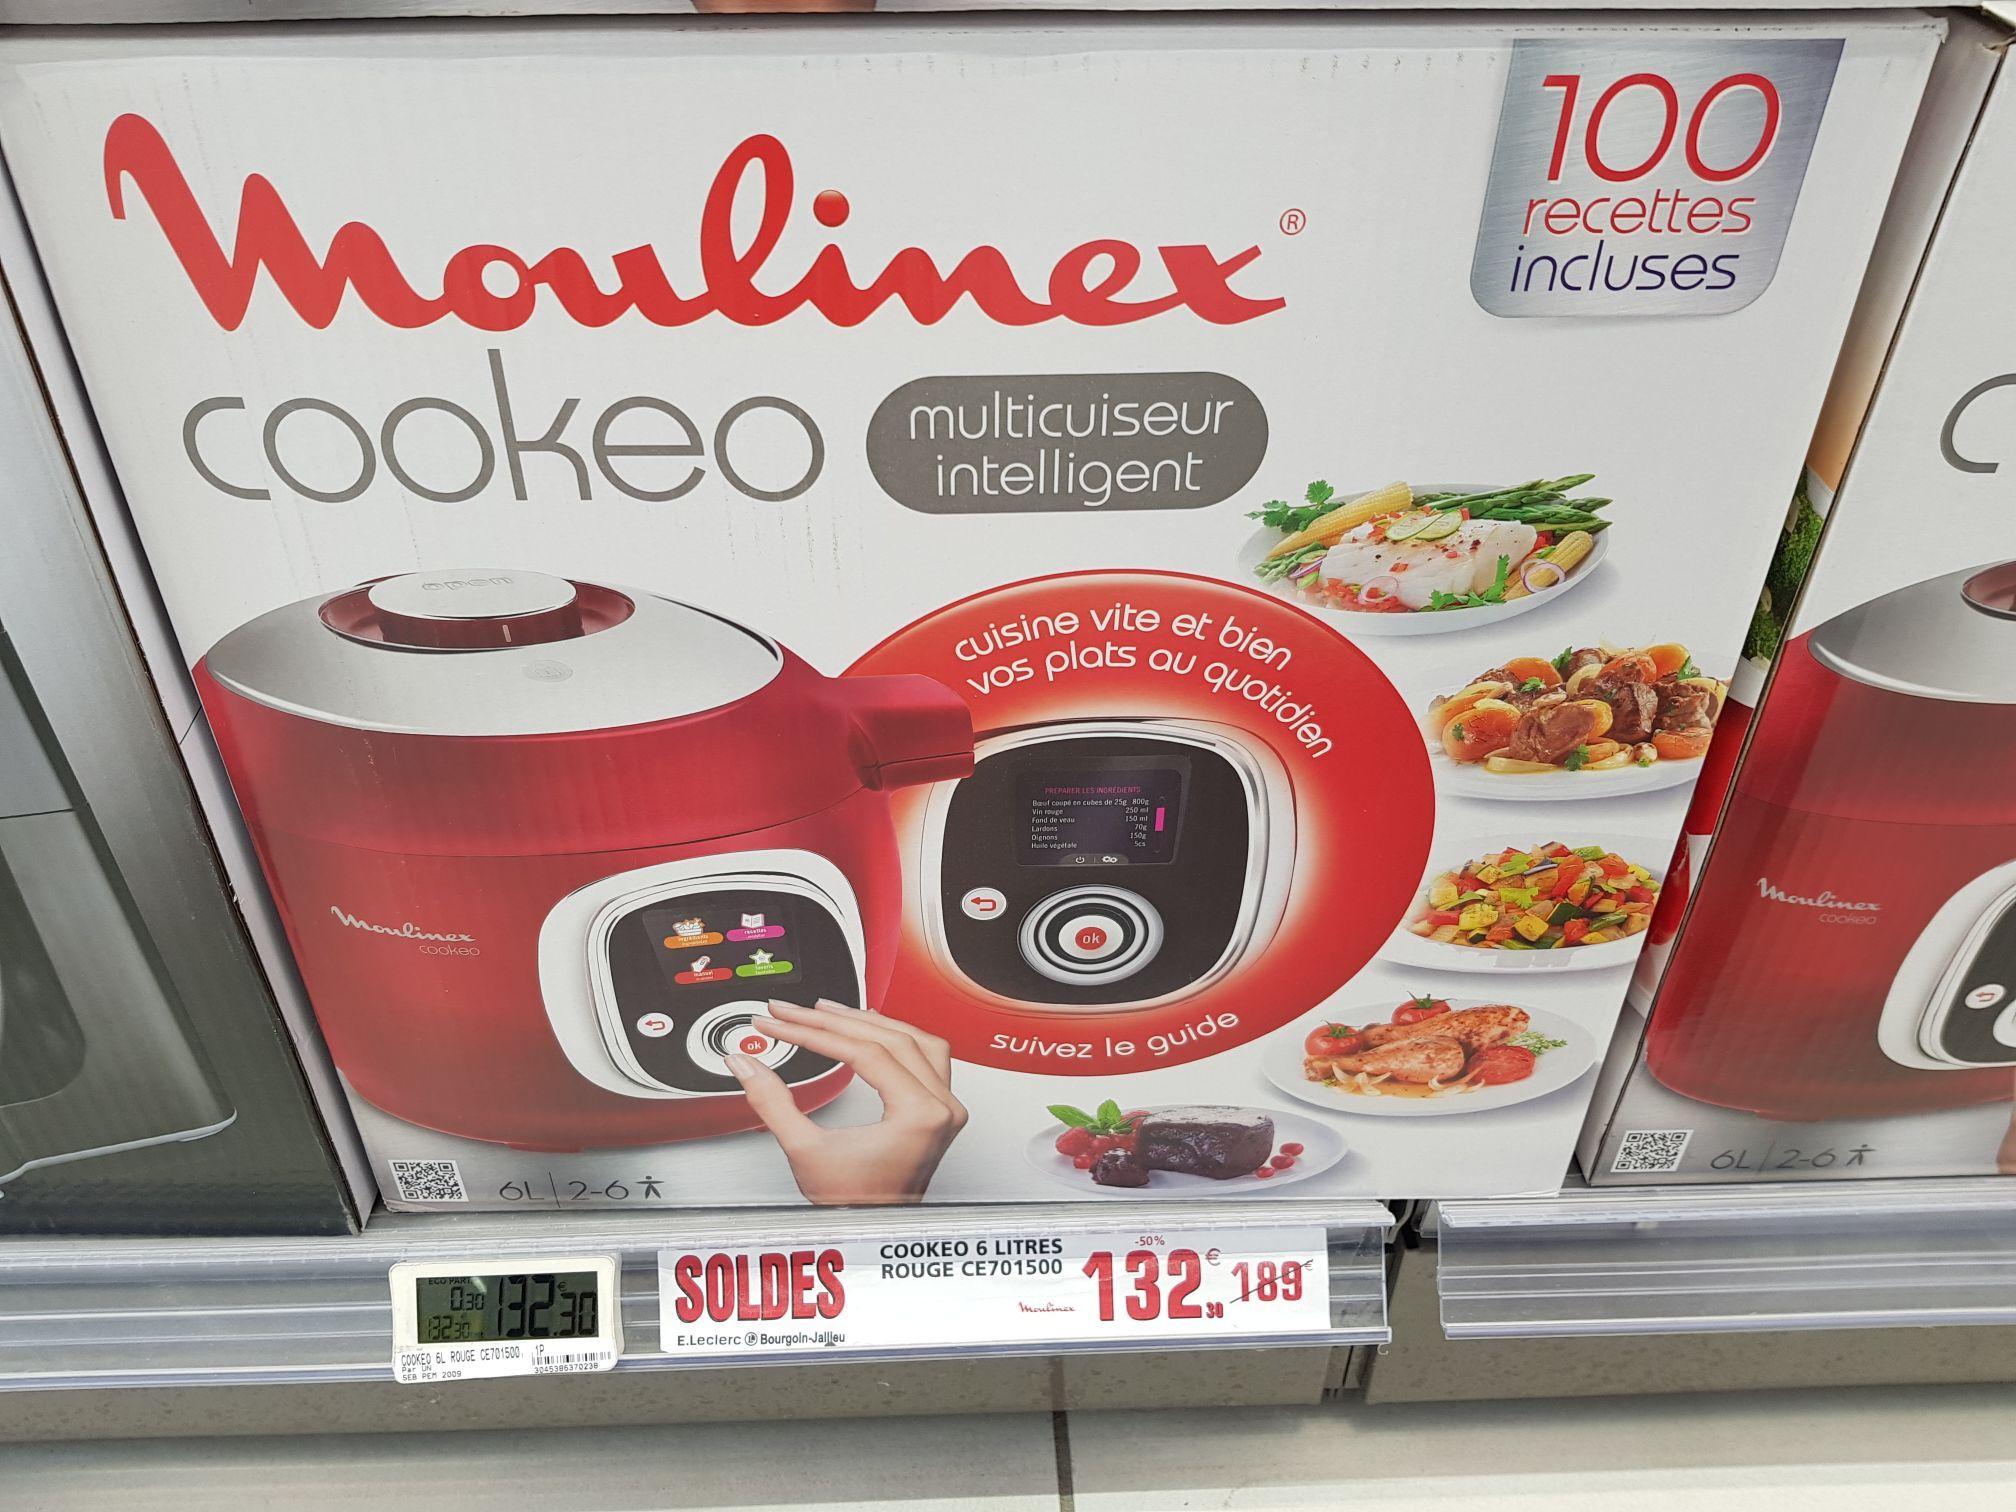 multicuiseur intelligent cookeo moulinex ce701500 rouge. Black Bedroom Furniture Sets. Home Design Ideas